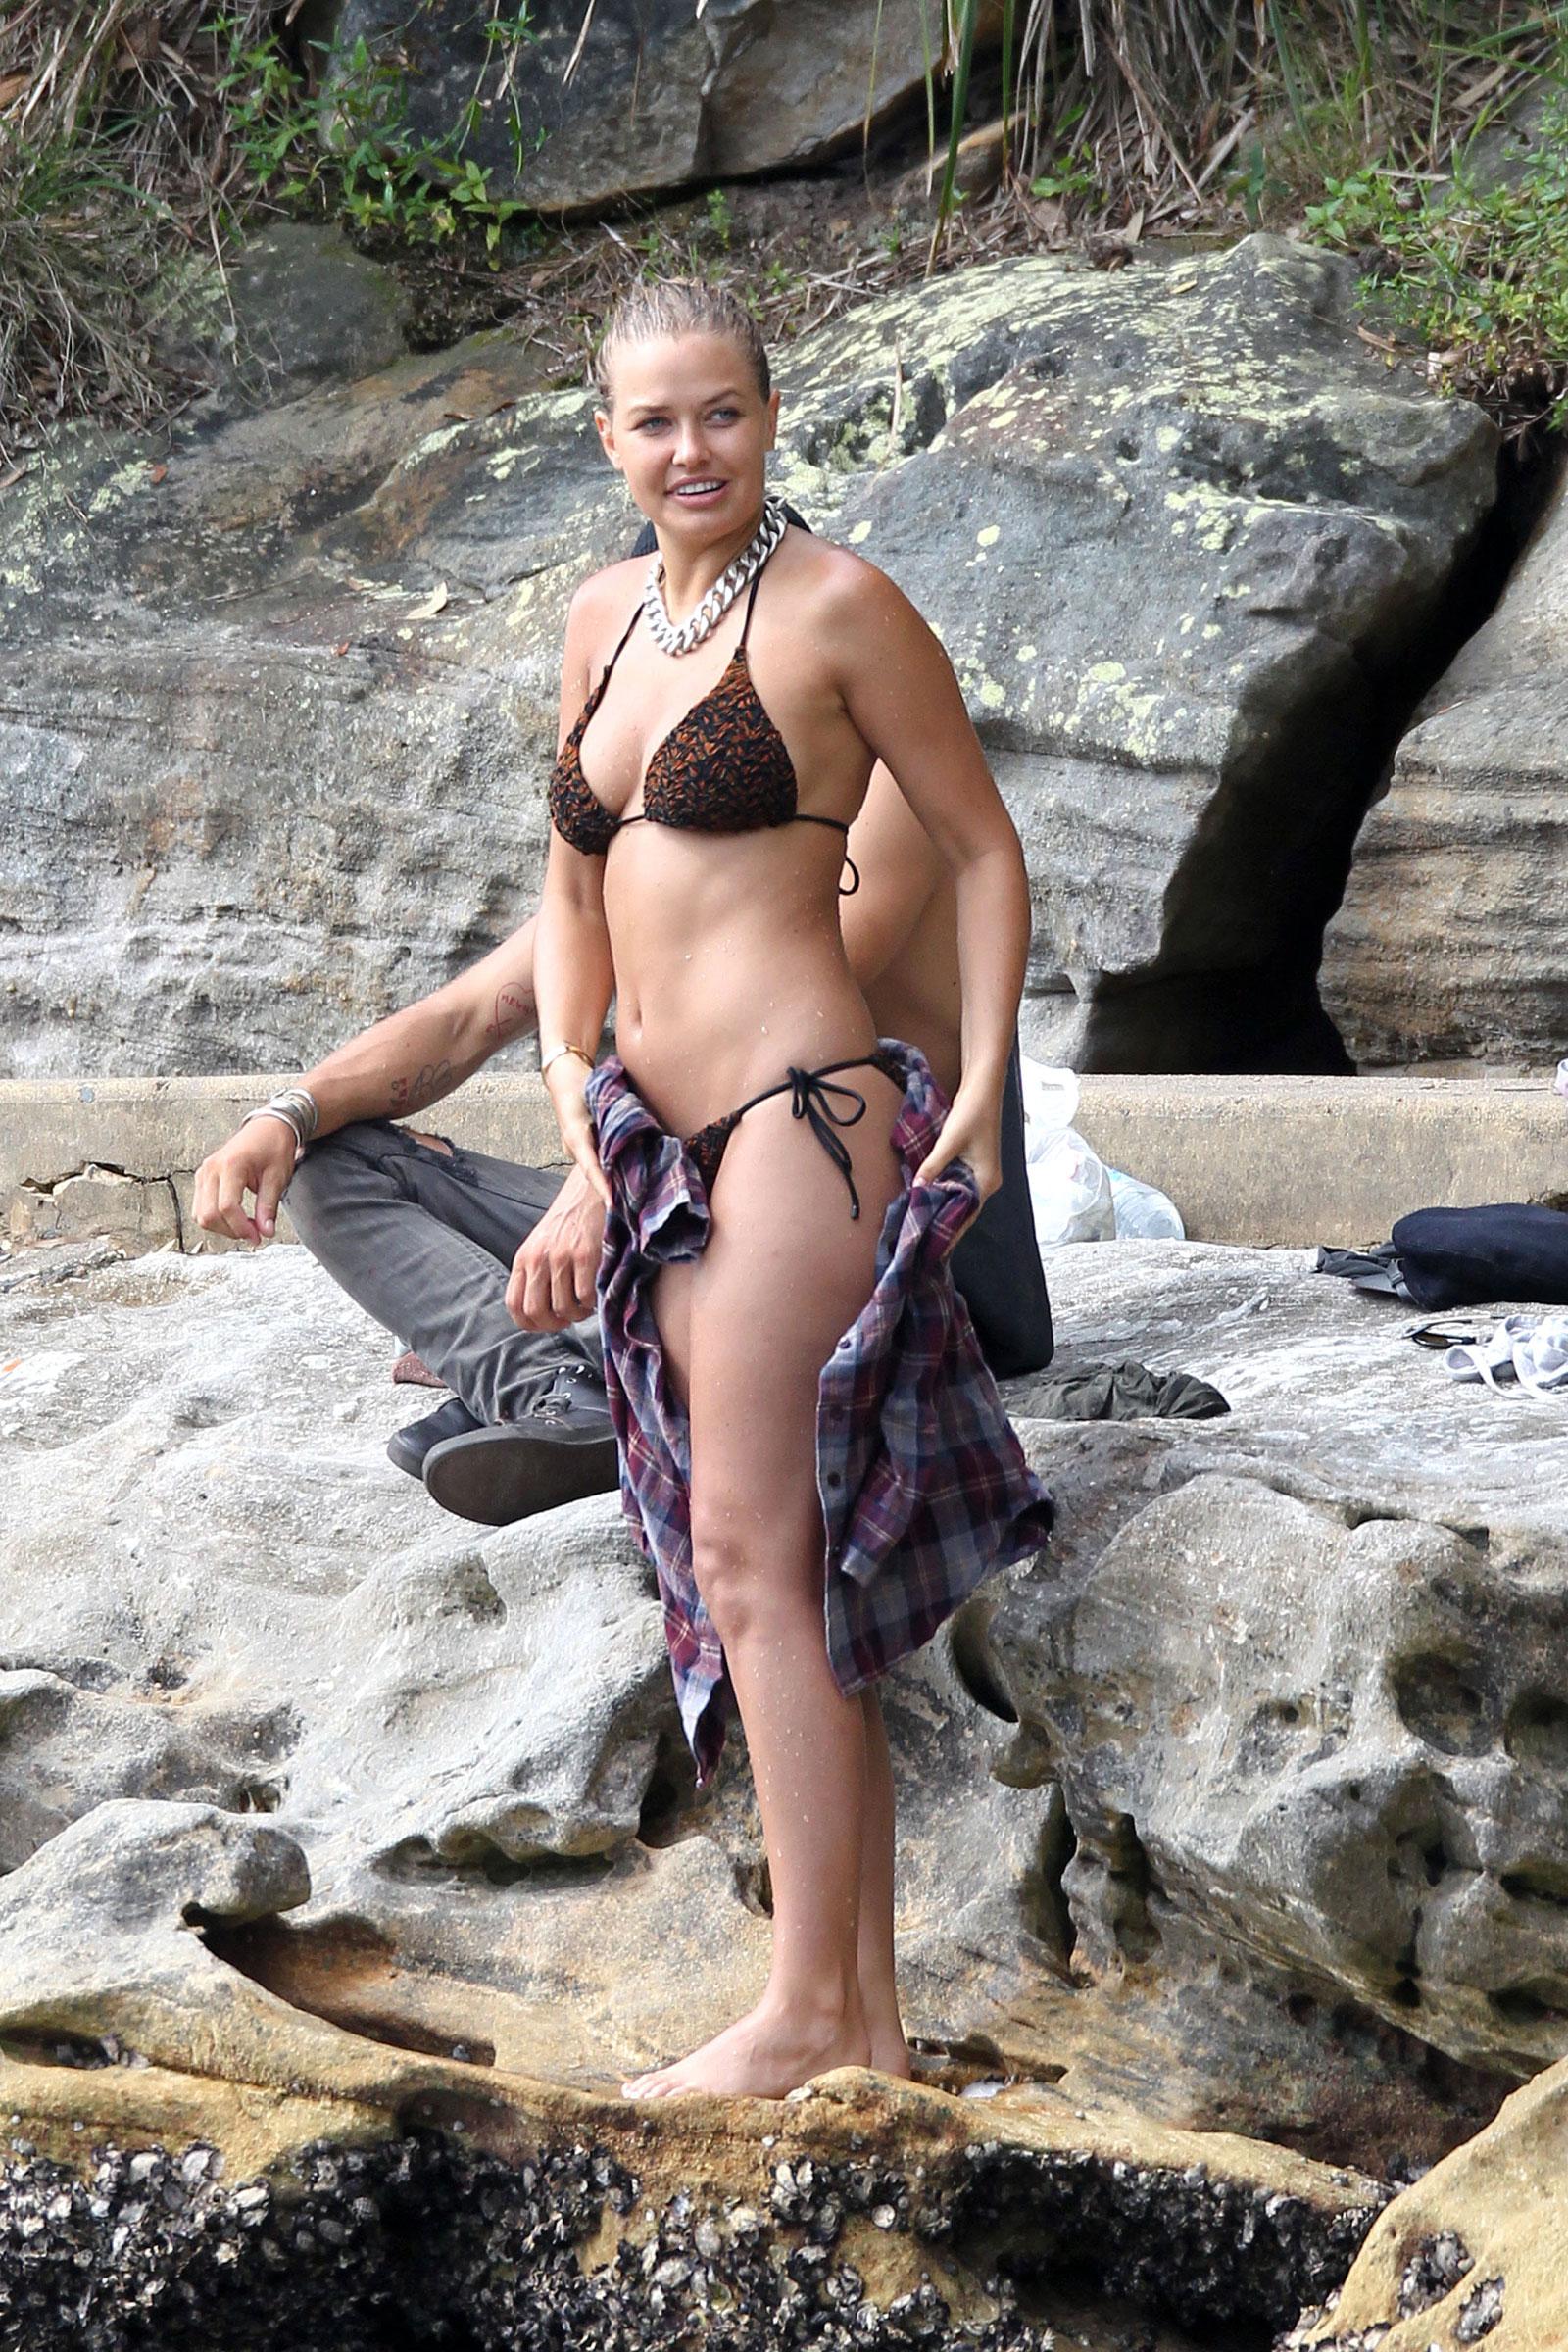 Nude Women Body Builders Pics